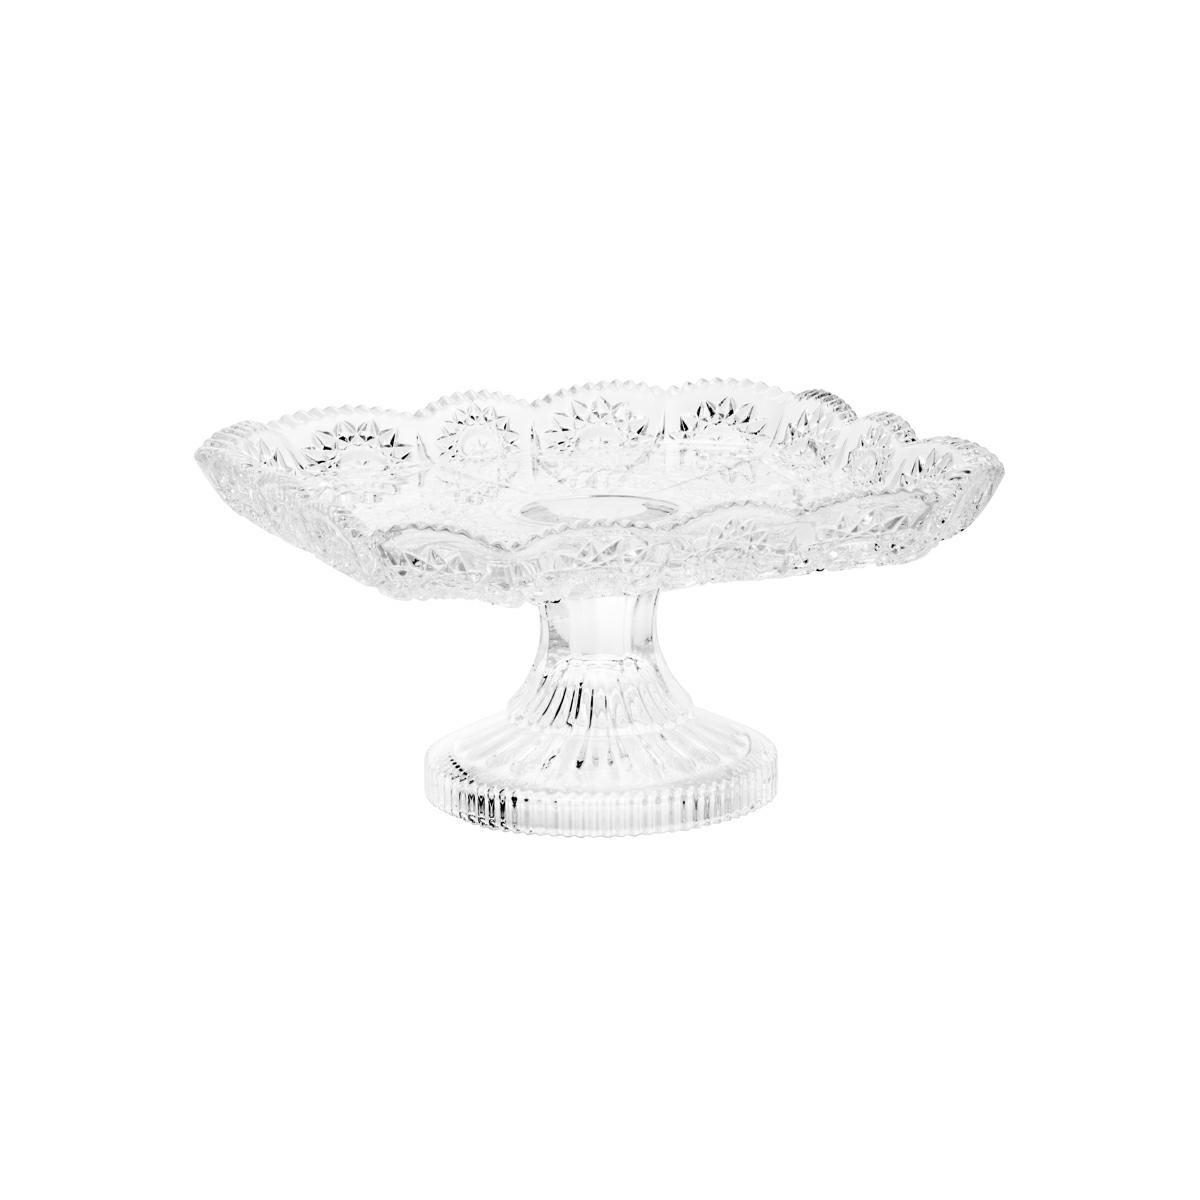 Centro de mesa 17,5 cm de cristal transparente com pé Starry Wolff - 25621